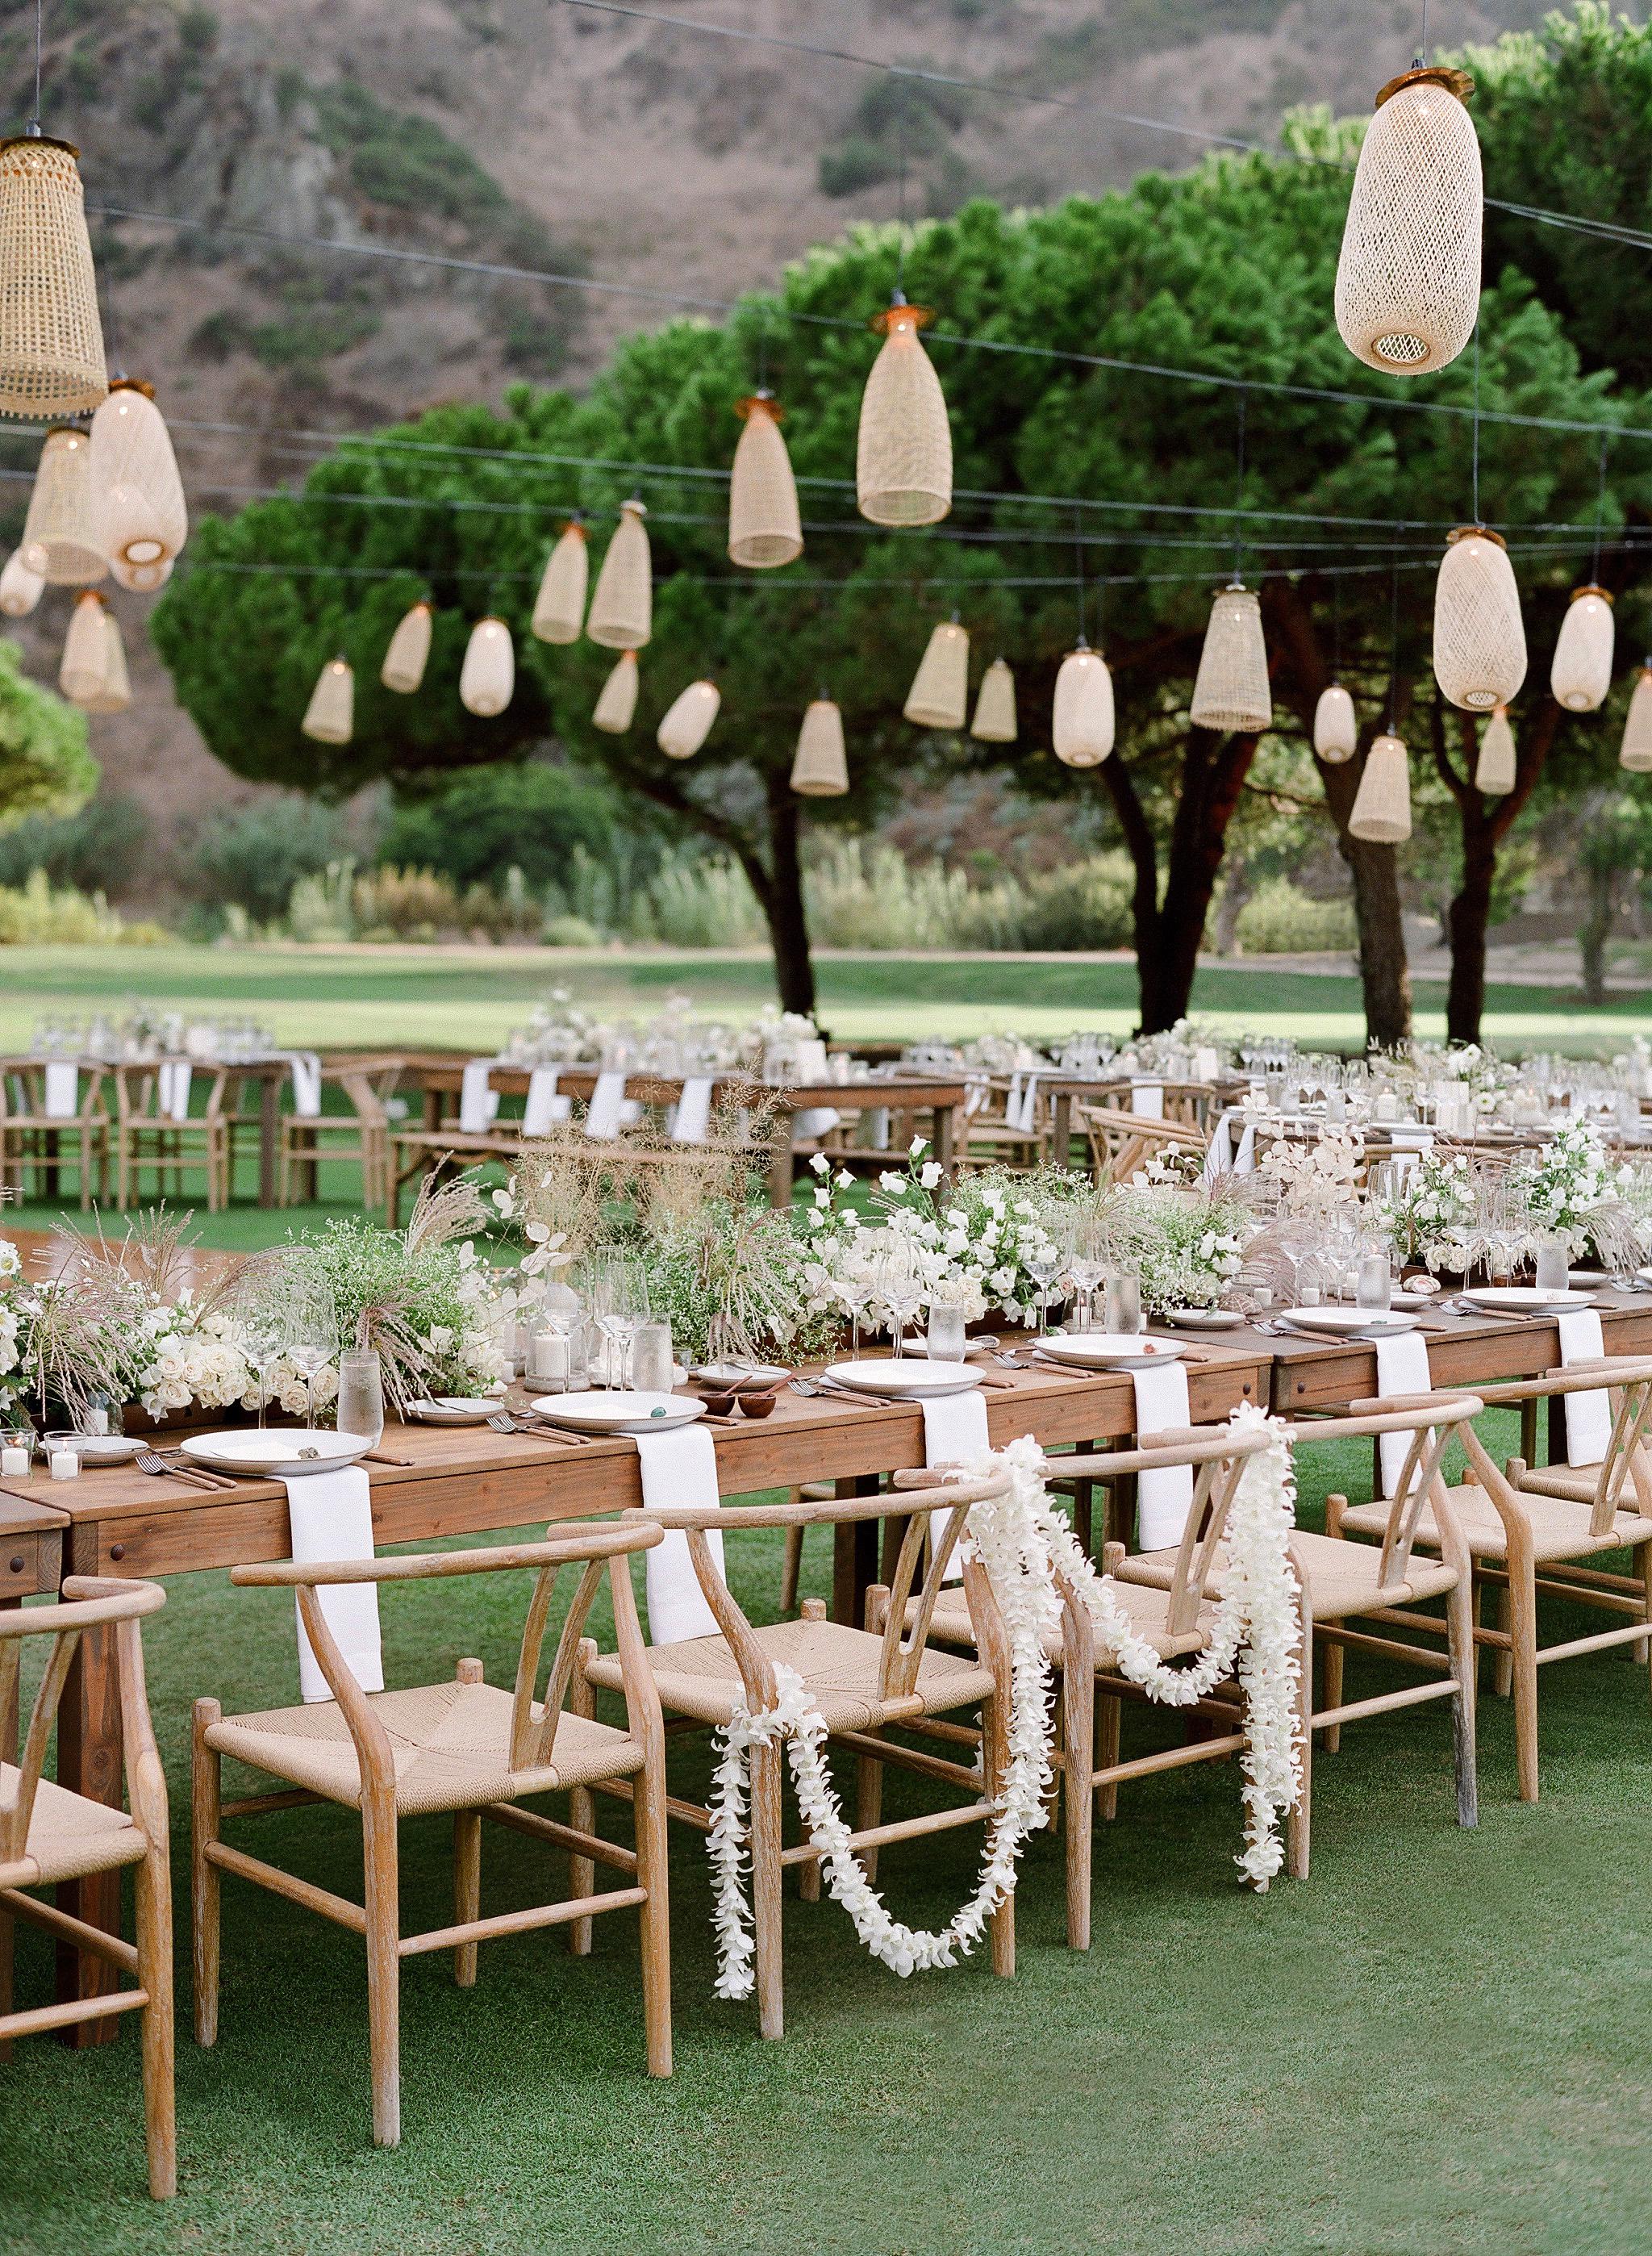 alex drew california wedding reception tables lanterns